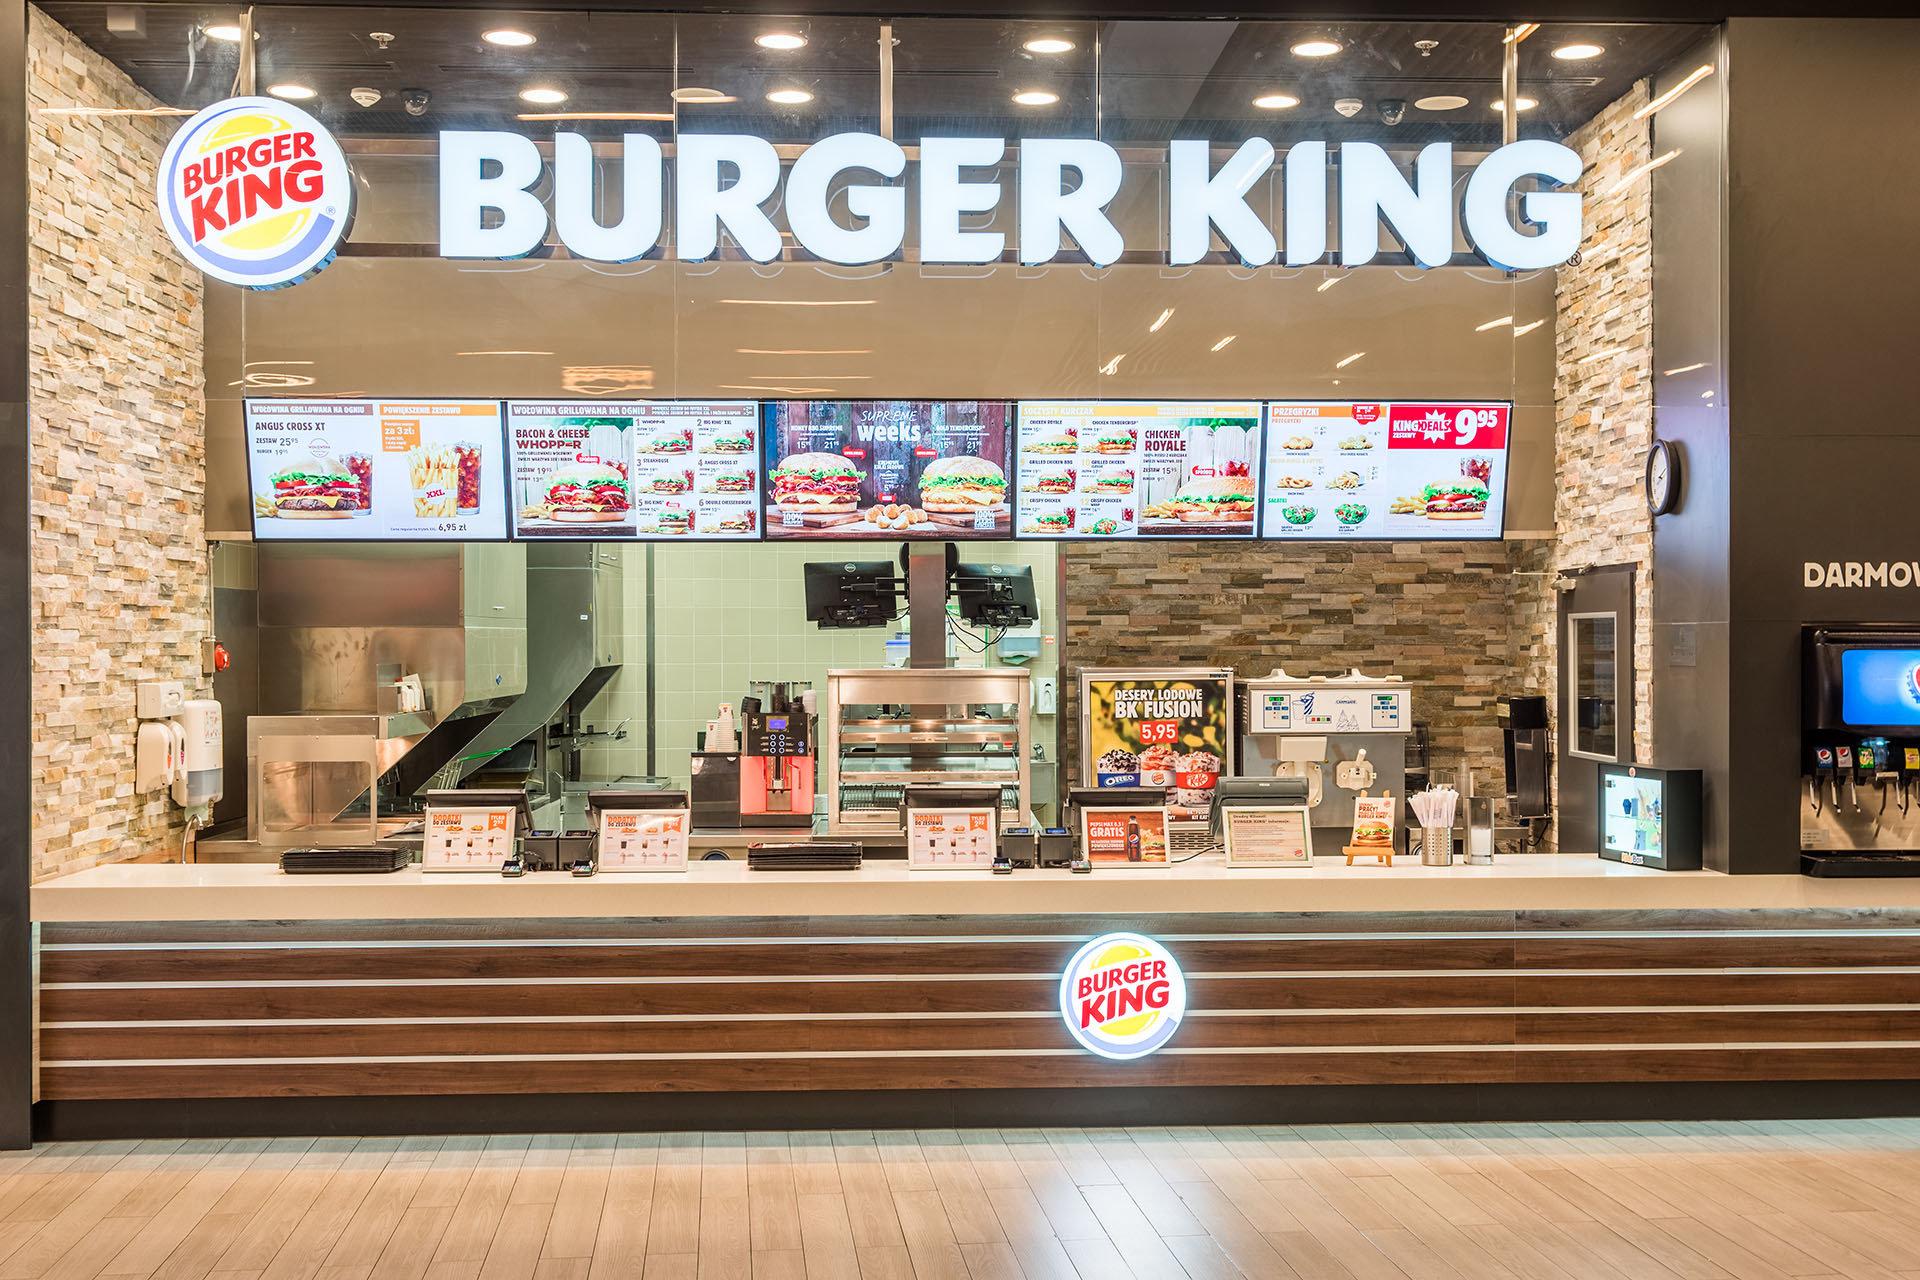 AmRest rozwinie sieć Burger King w Czechach i na Słowacji